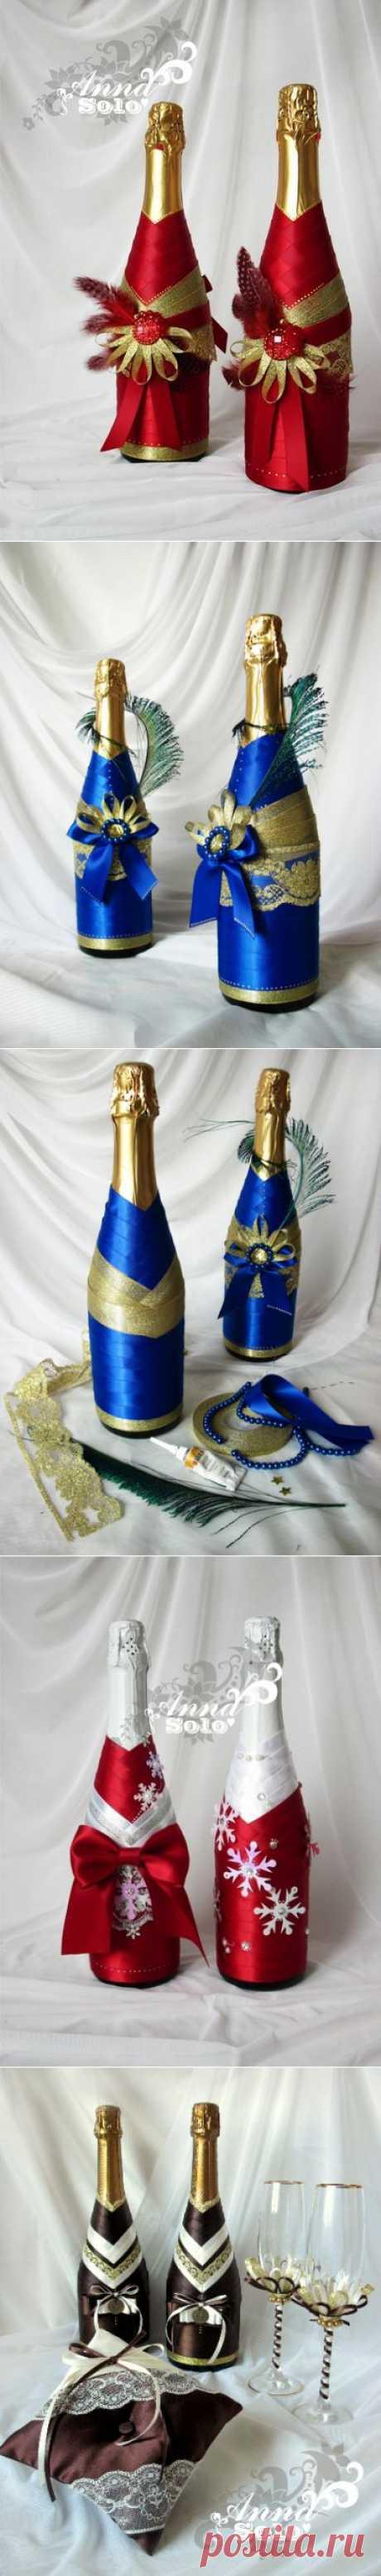 МК по декору бутылок атласными лентами | Zalin.ru